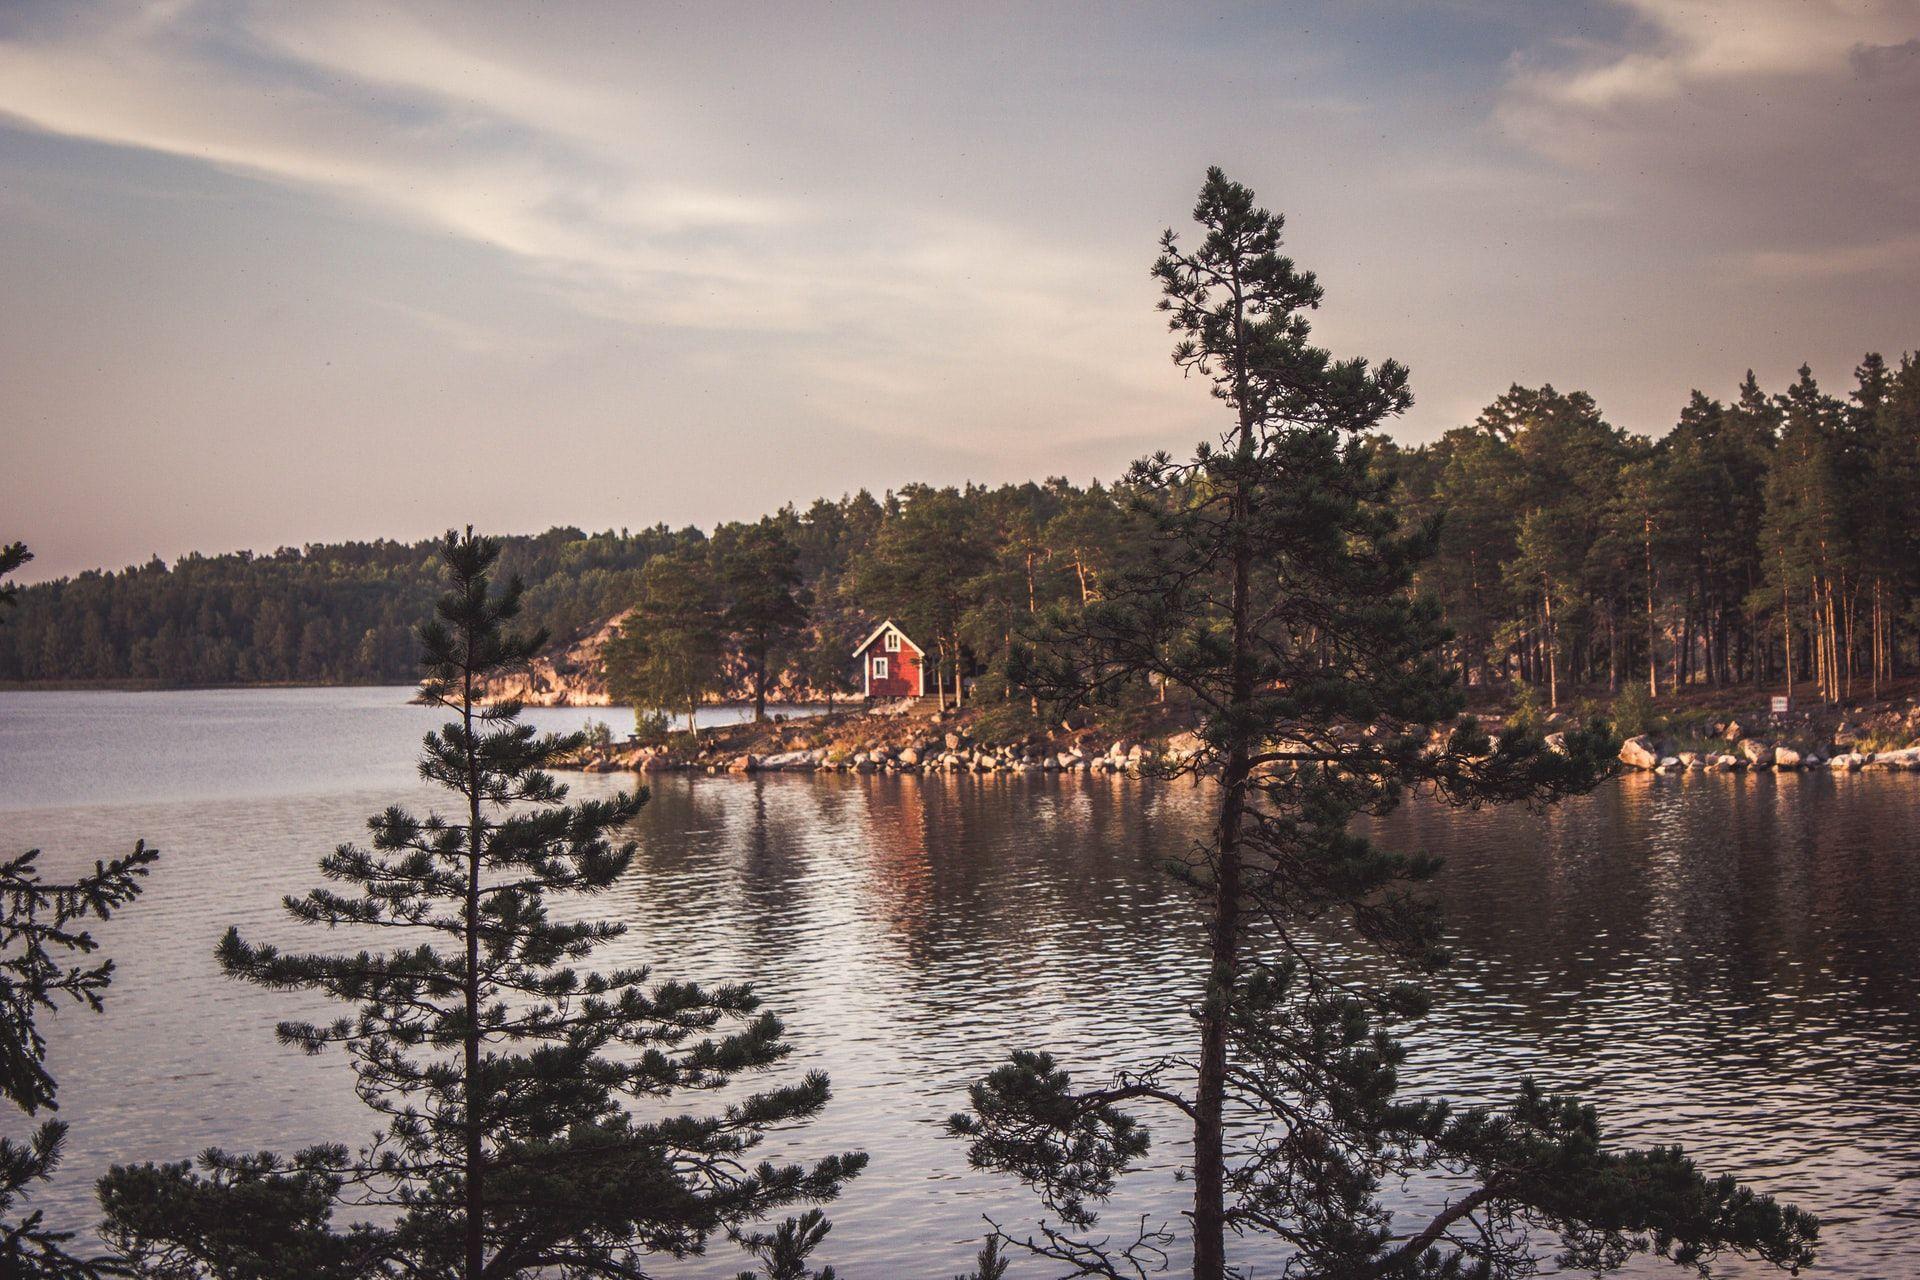 Schwanensee im schwedischen Tümpel